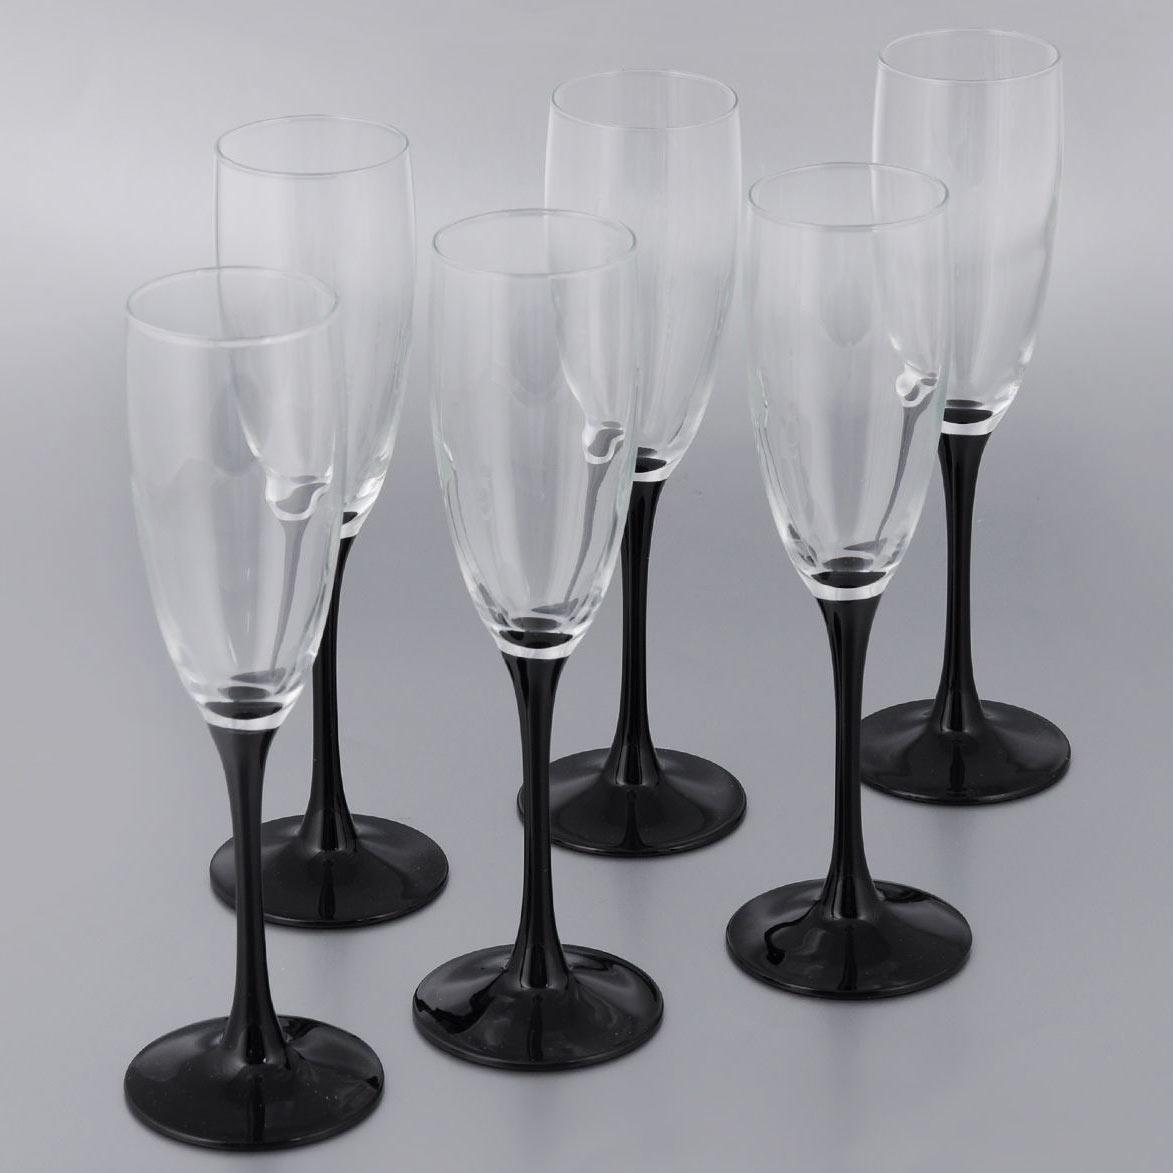 Фужеры для шампанского DOMINO 170мл, 6шт